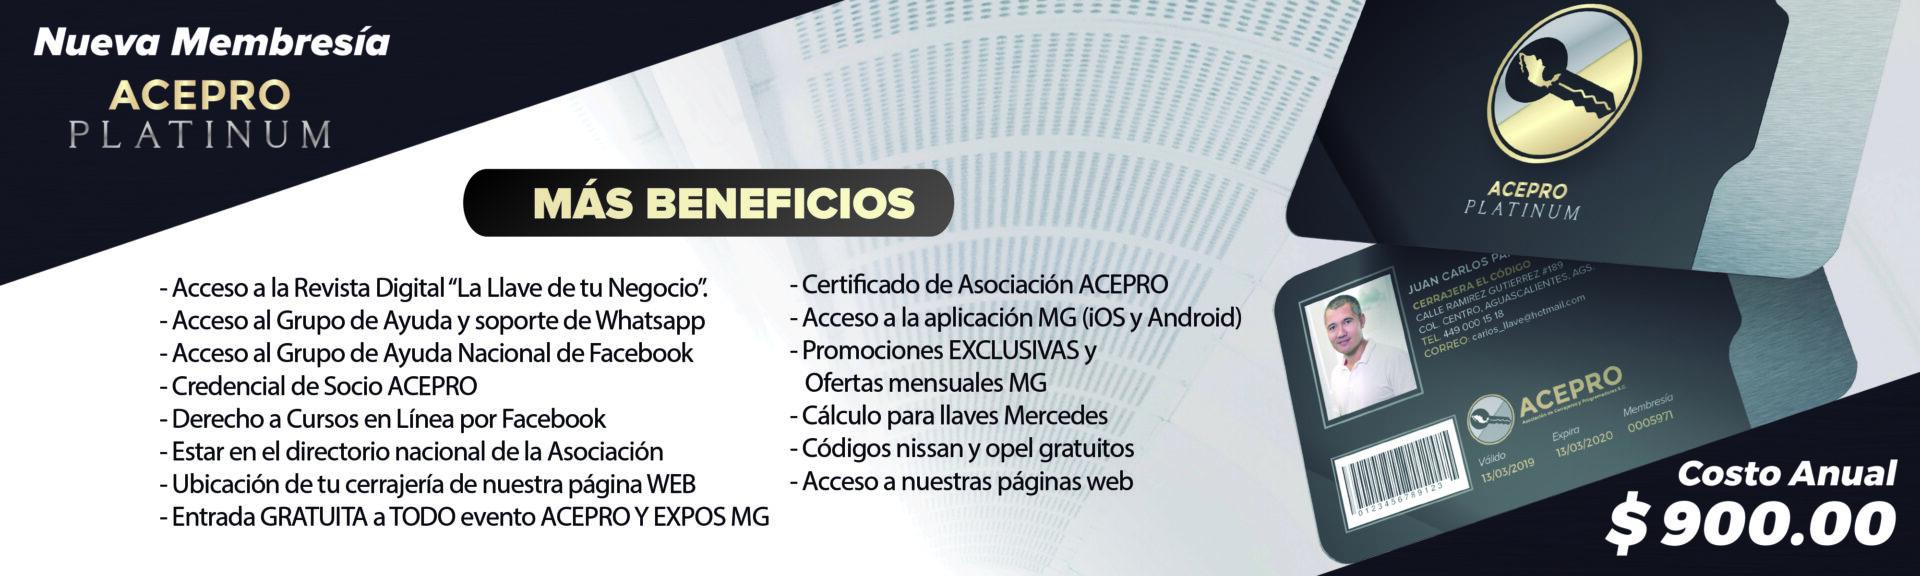 acepro--platinum-web